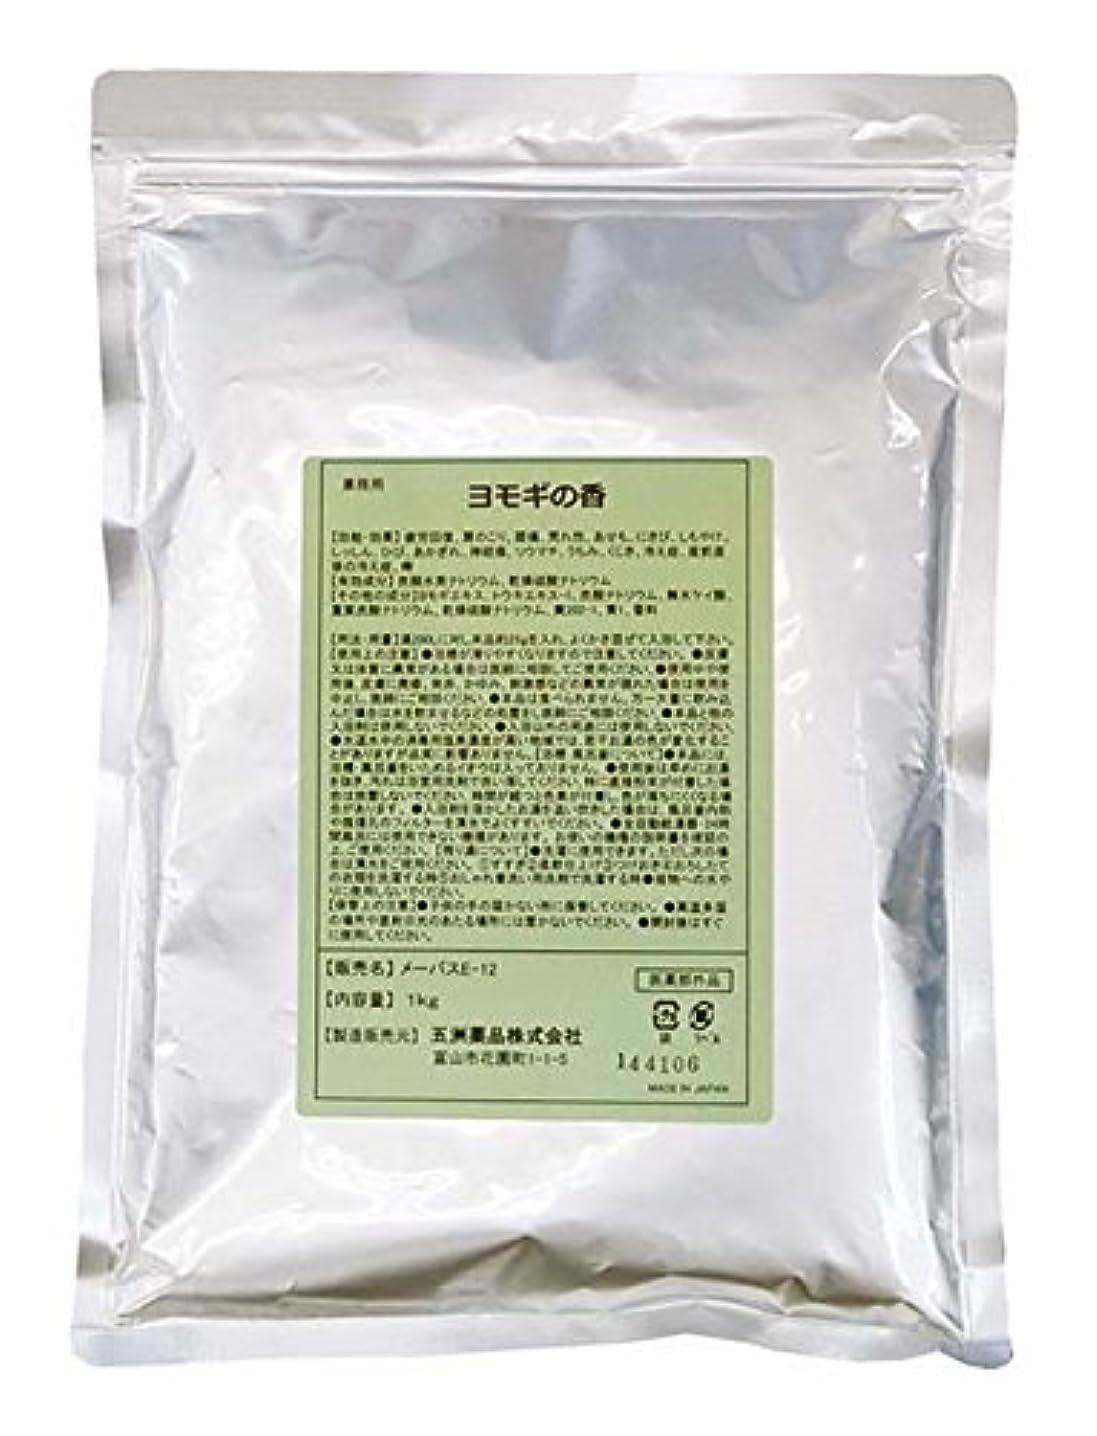 新年役職枯渇薬用入浴剤 業務用 ヨモギの香 1kg [医薬部外品]